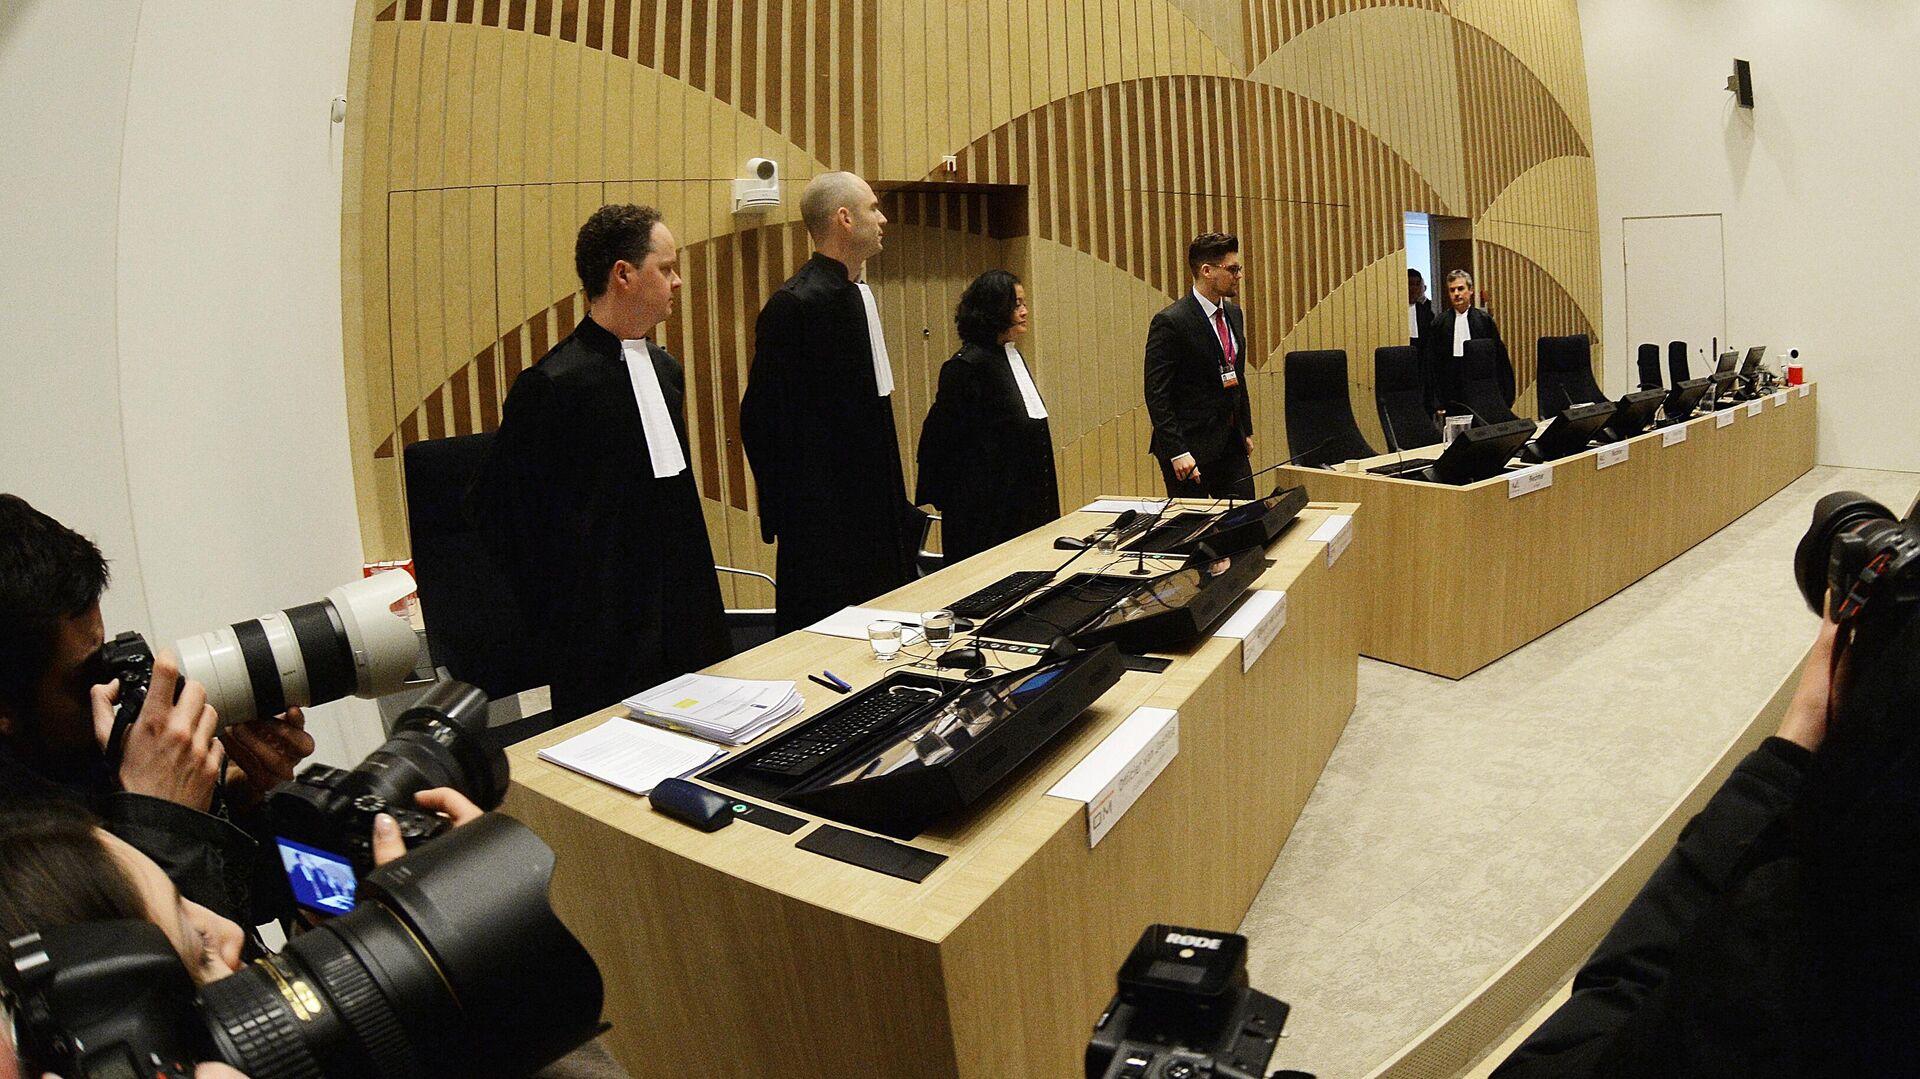 Начало заседания суда в нидерландском Бадхоеведорпе по делу о крушении самолета Boeing 777 рейса MH17 - РИА Новости, 1920, 18.12.2020